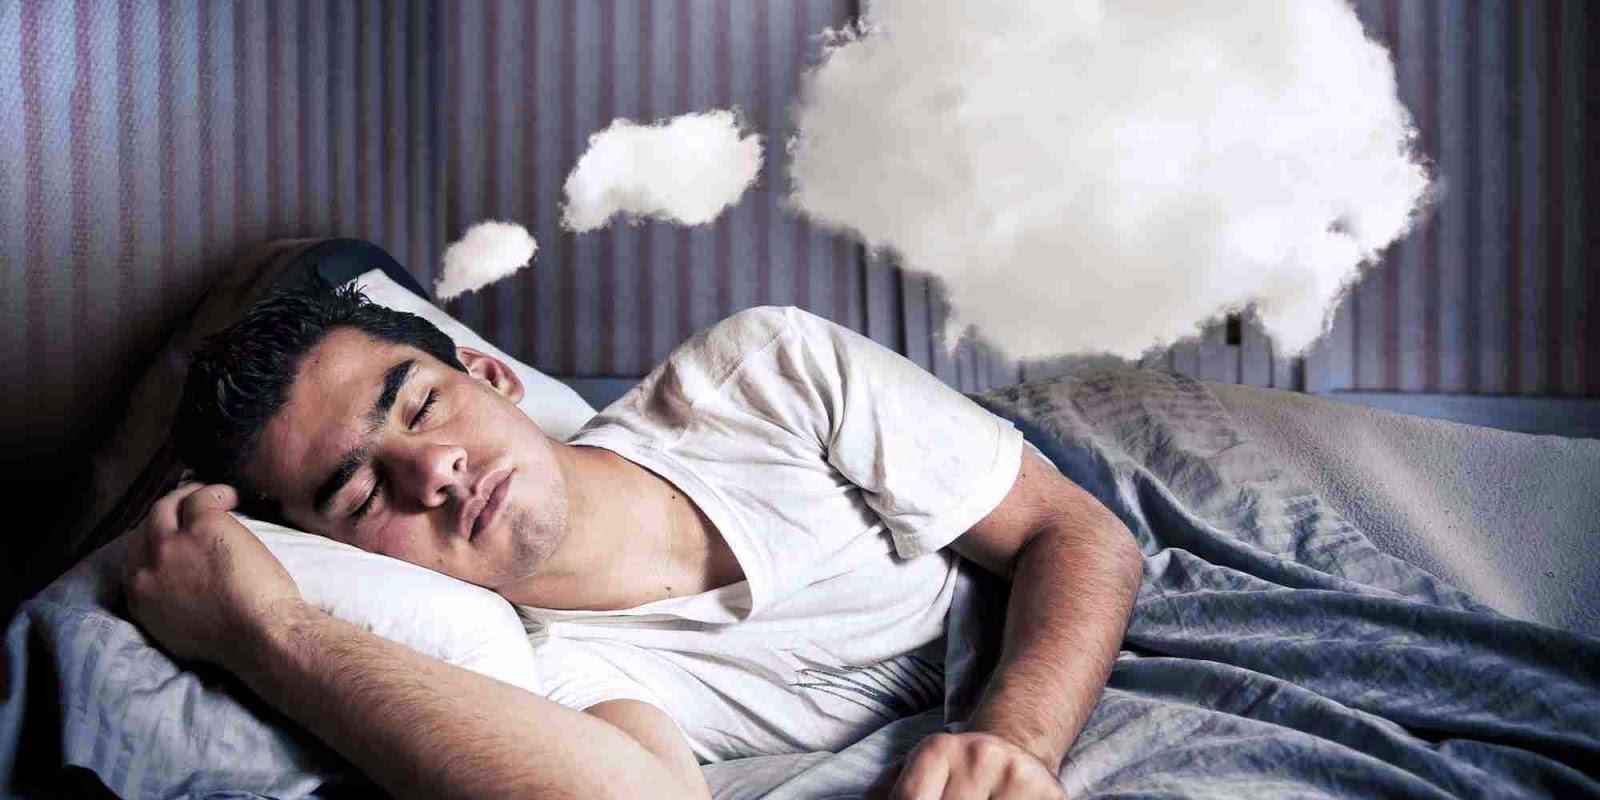 رؤية الأحلام المزعجة ليلة الامتحان تساعد في اجتيازه بنجاح